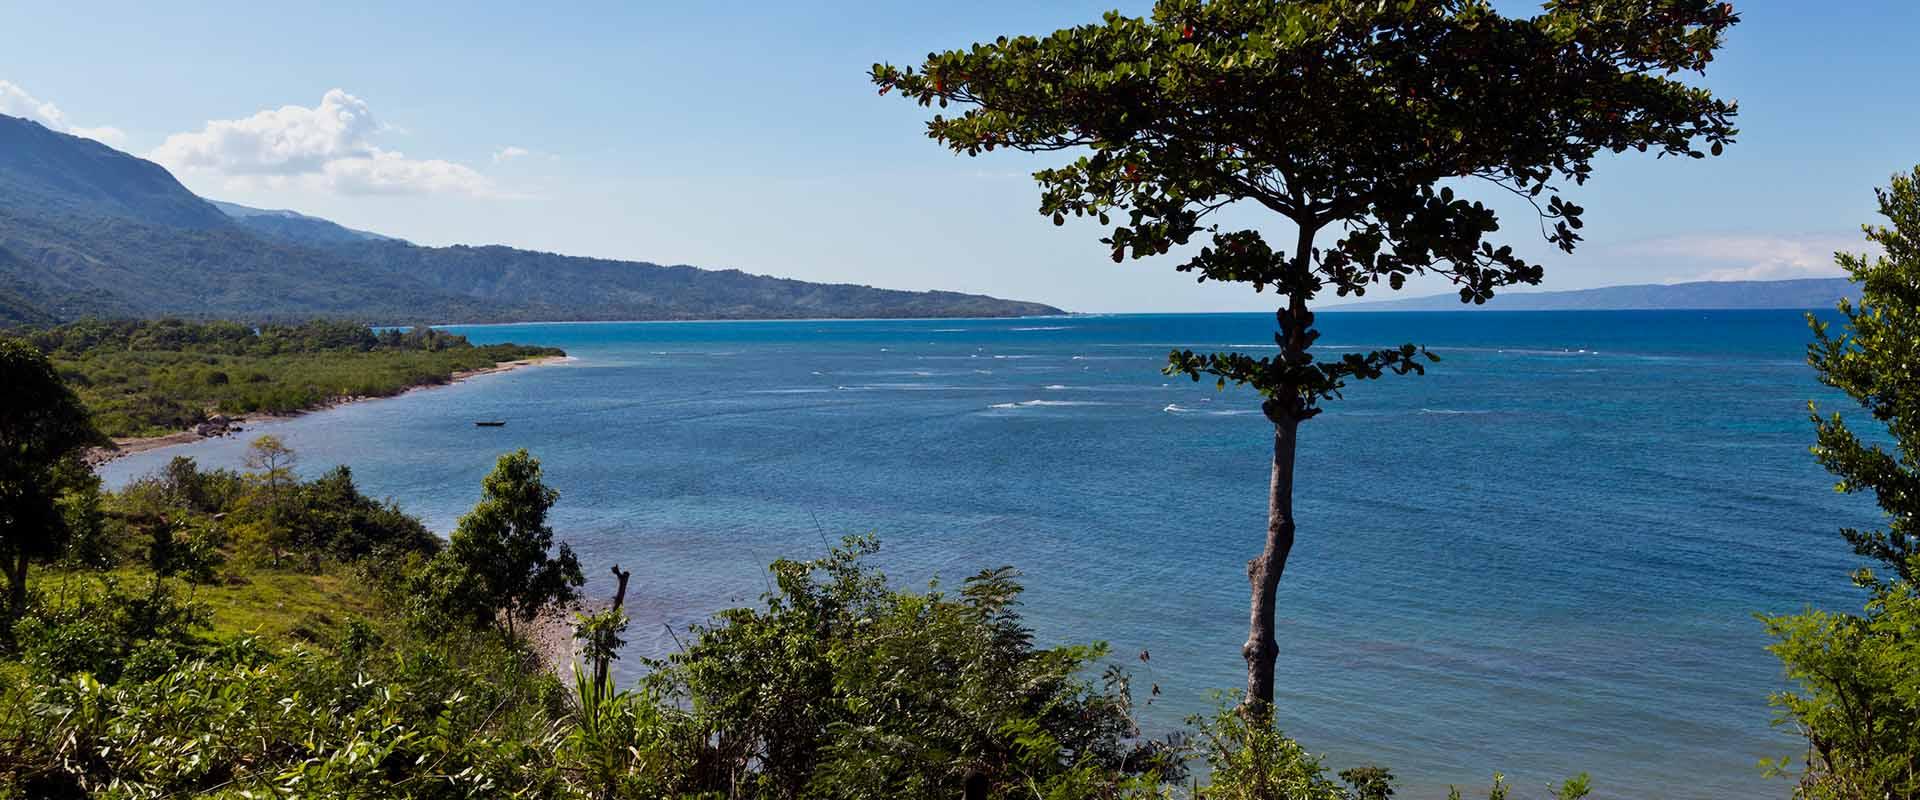 Haiti Public Holidays Publicholidaysla